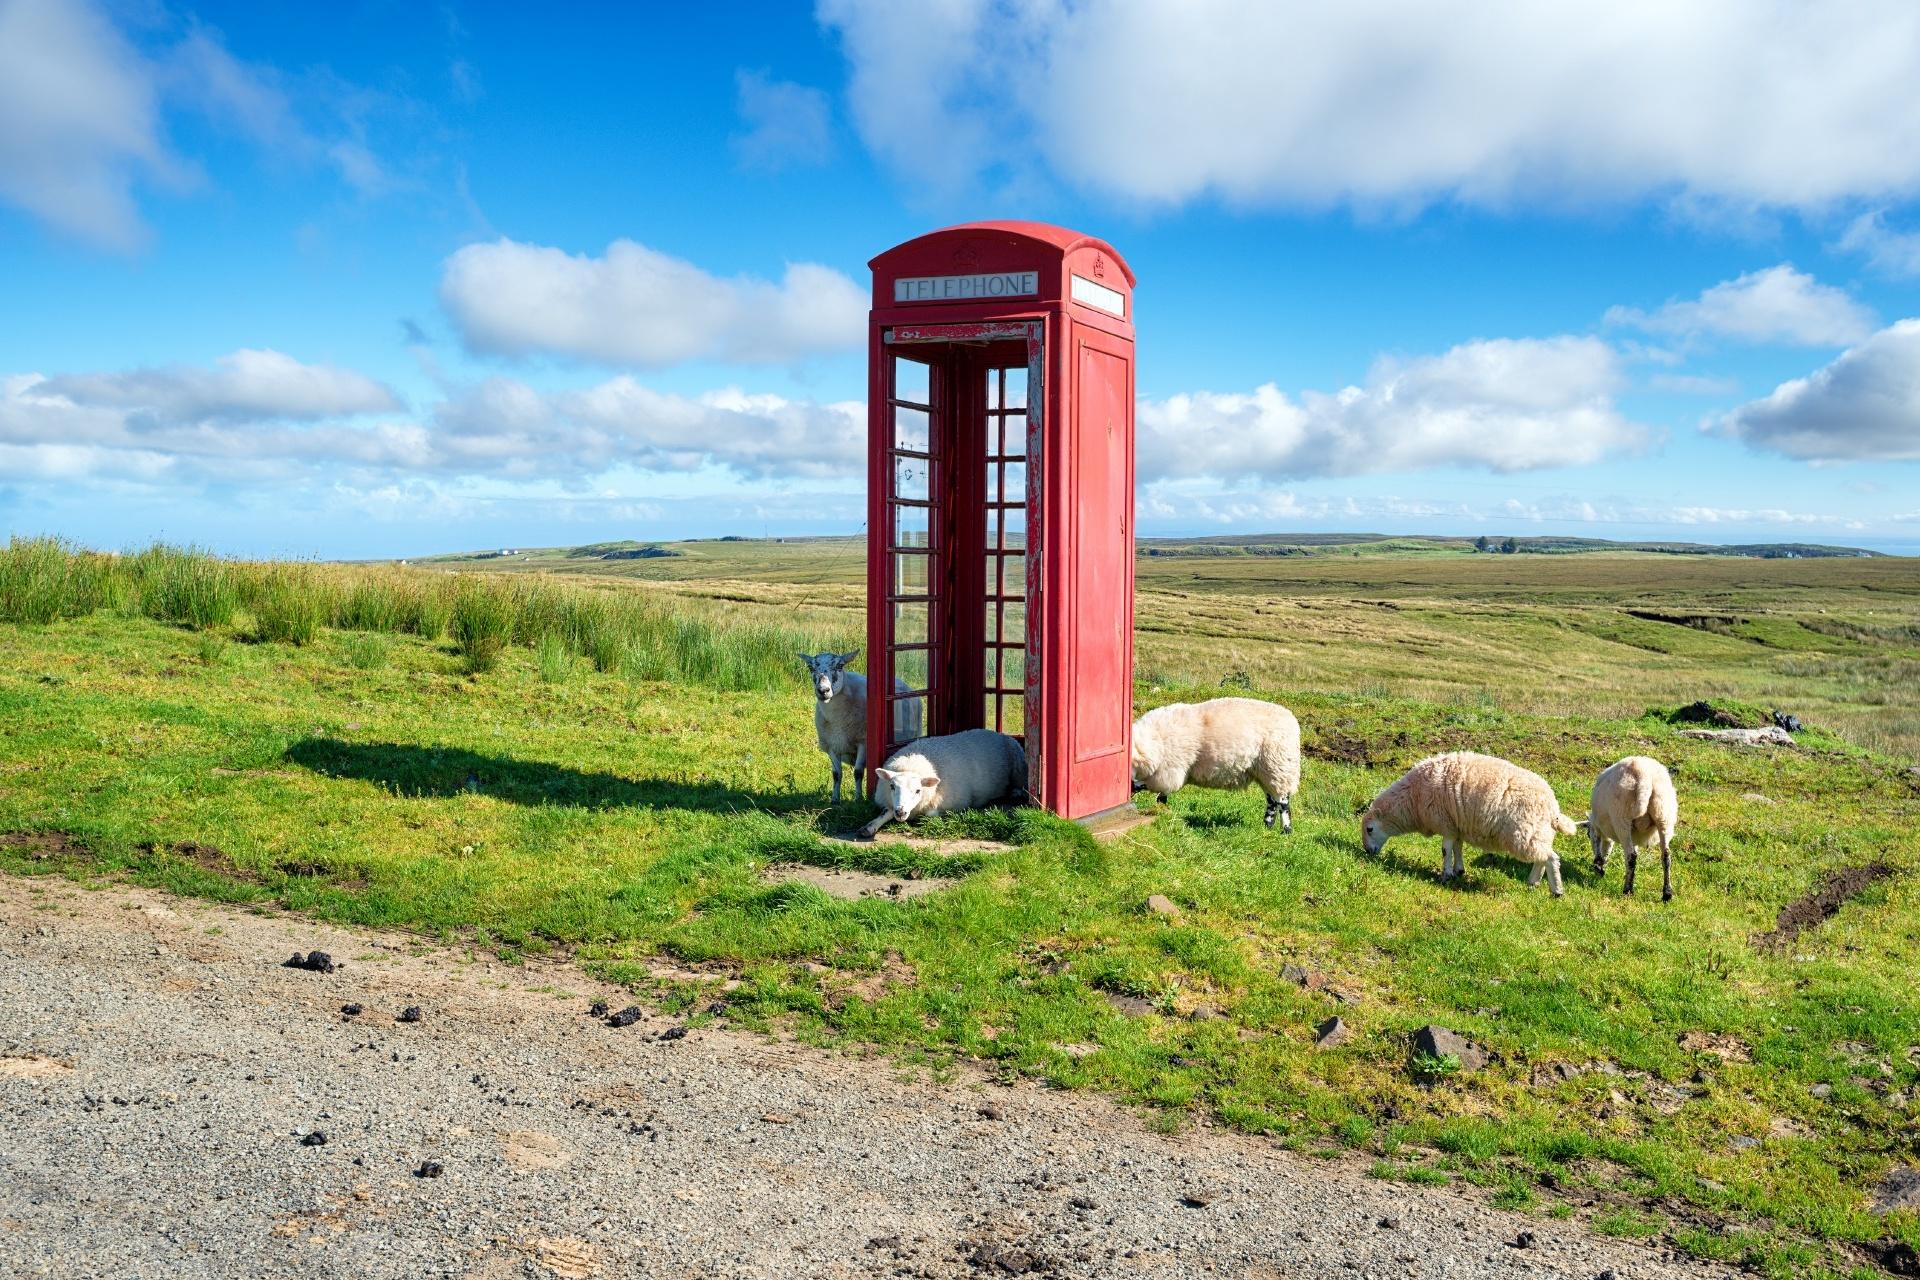 スカイ島 電話ボックスと羊の風景 スコットランドの風景